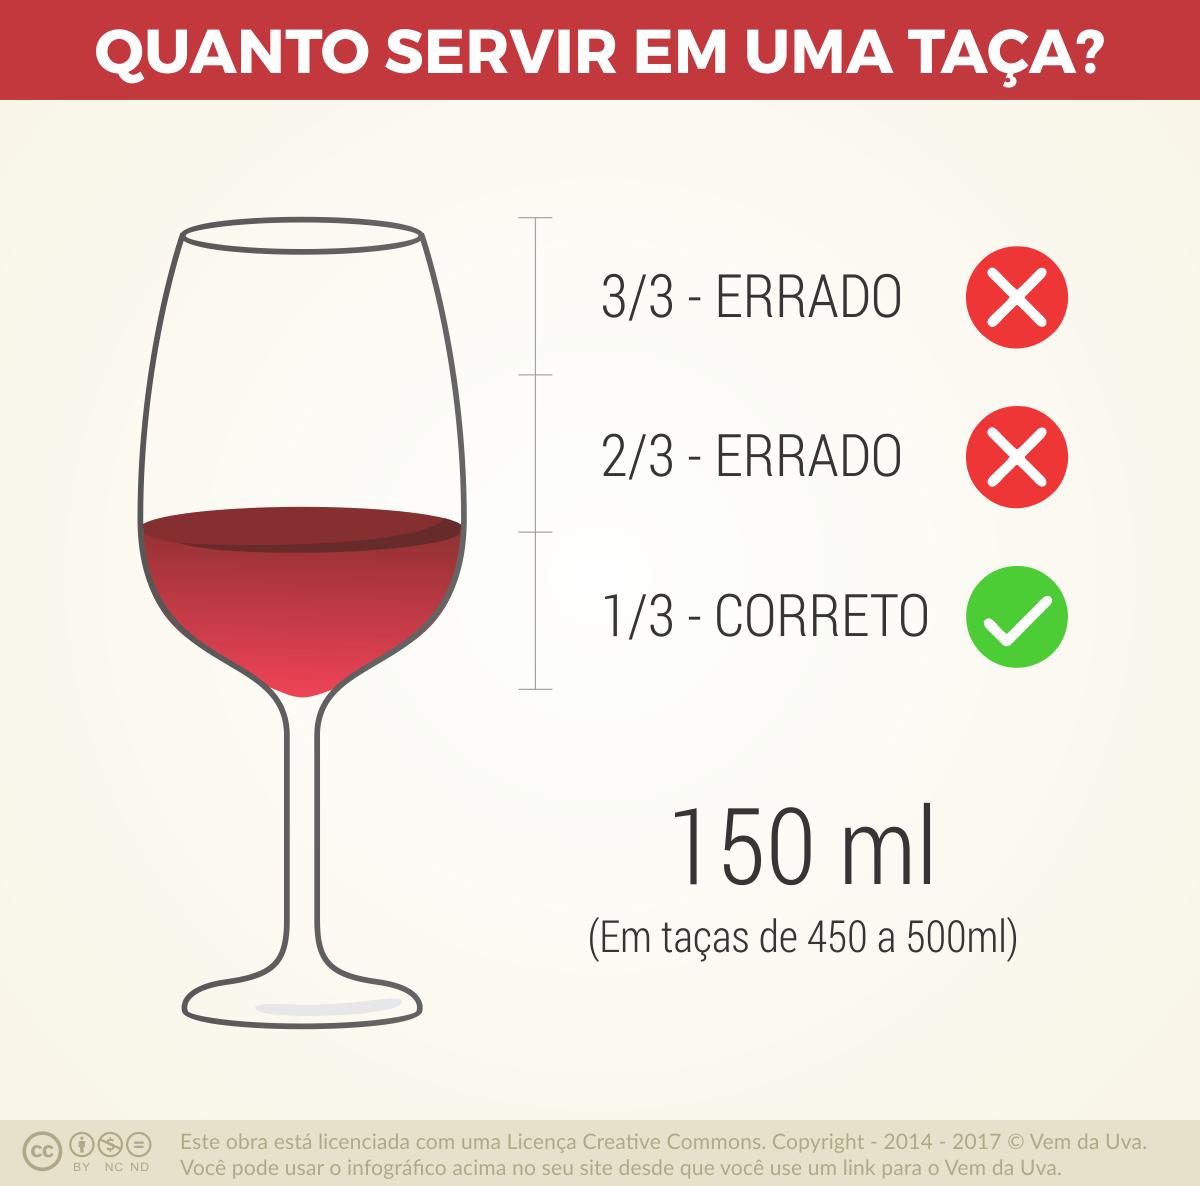 Quanto servir em uma taça de vinho